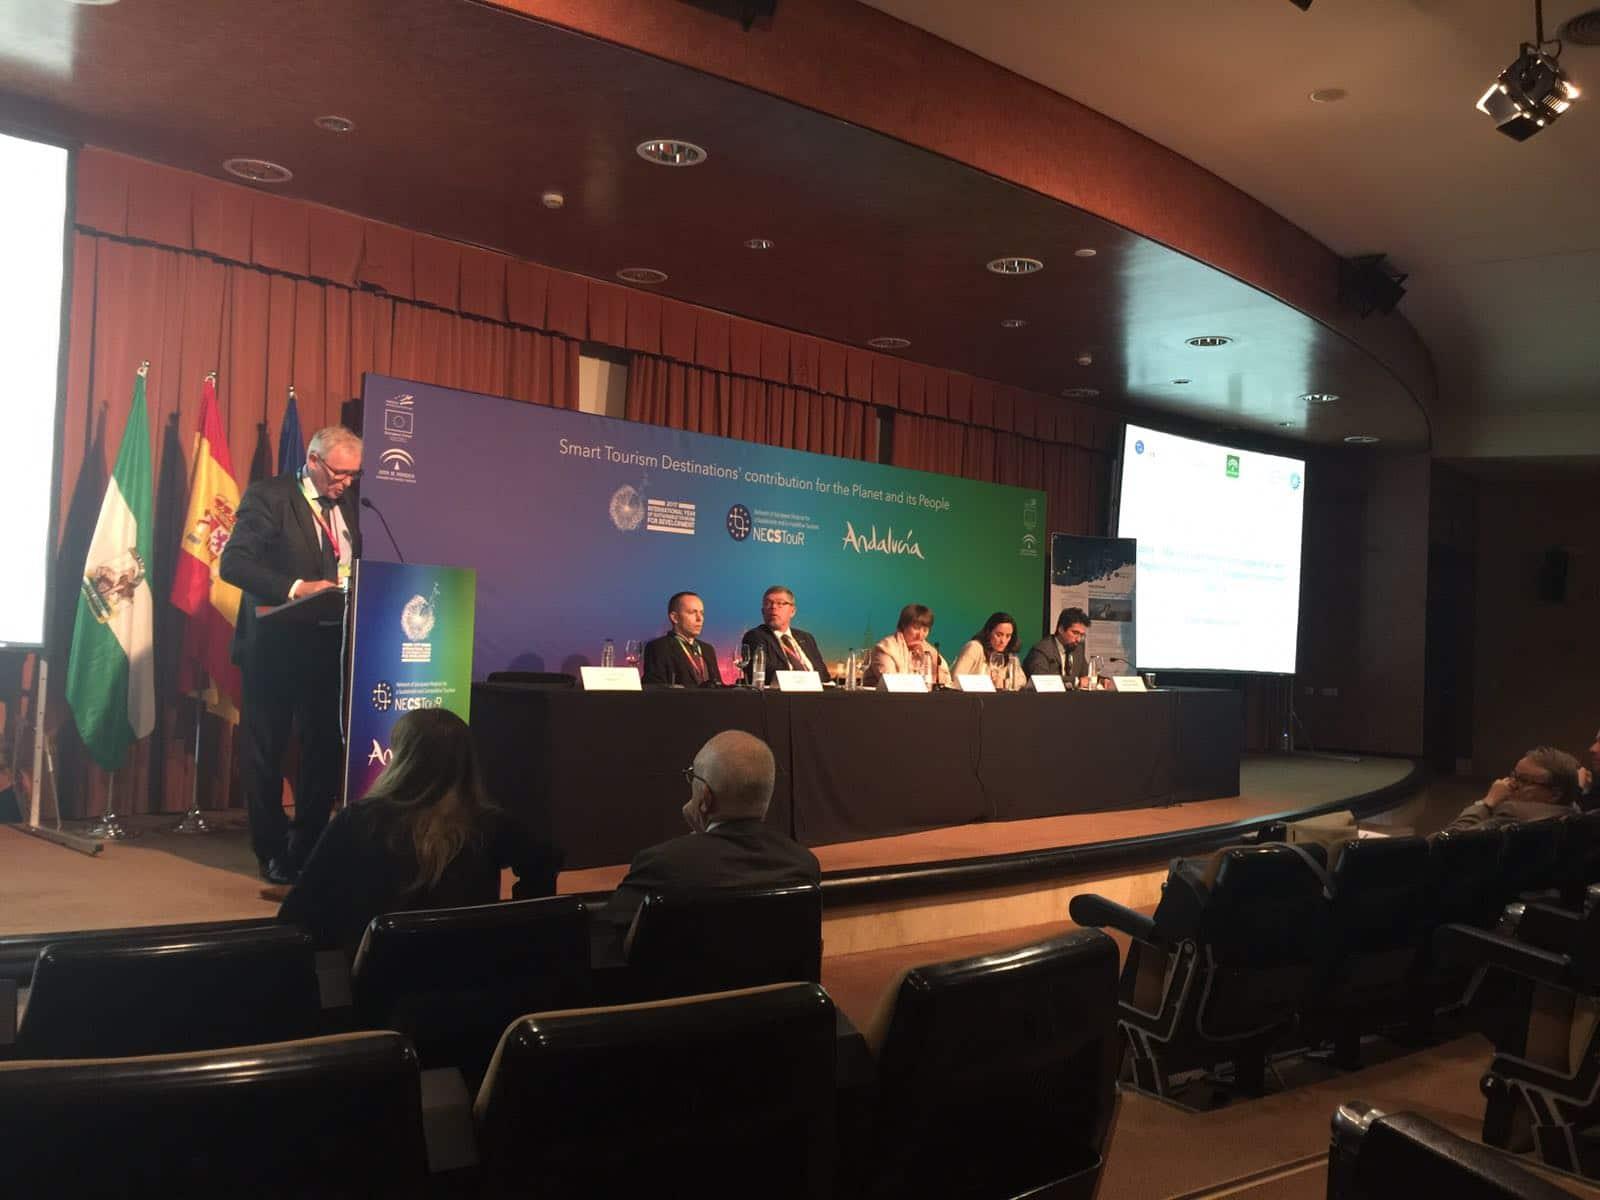 Mars – Intervention d'Odyssea lors de la conférence organisée par l'OMT et le Réseau NECSTouR sur les «Smart destinations»